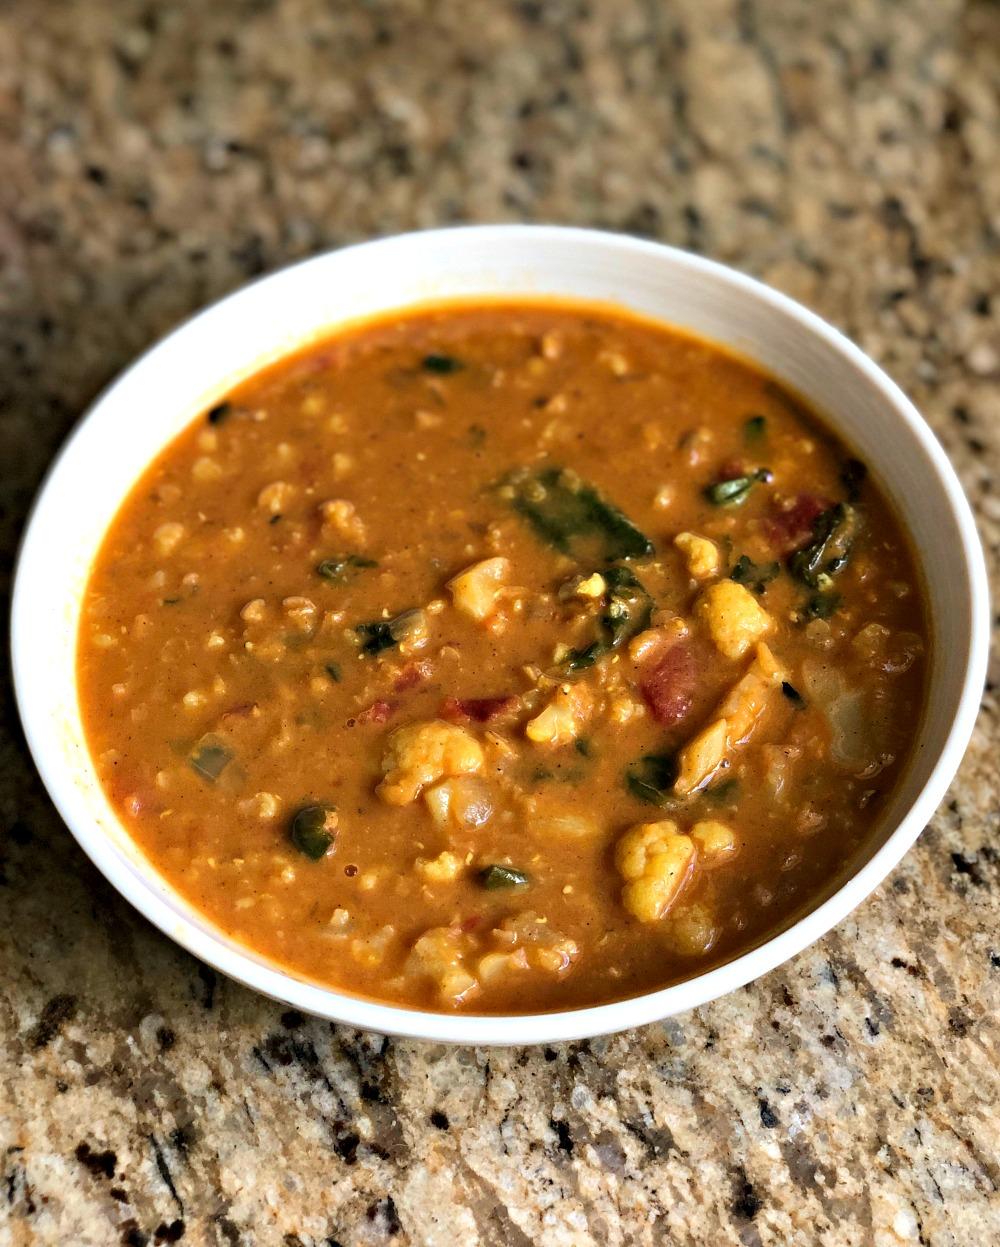 lentil, cauliflower and kale soup